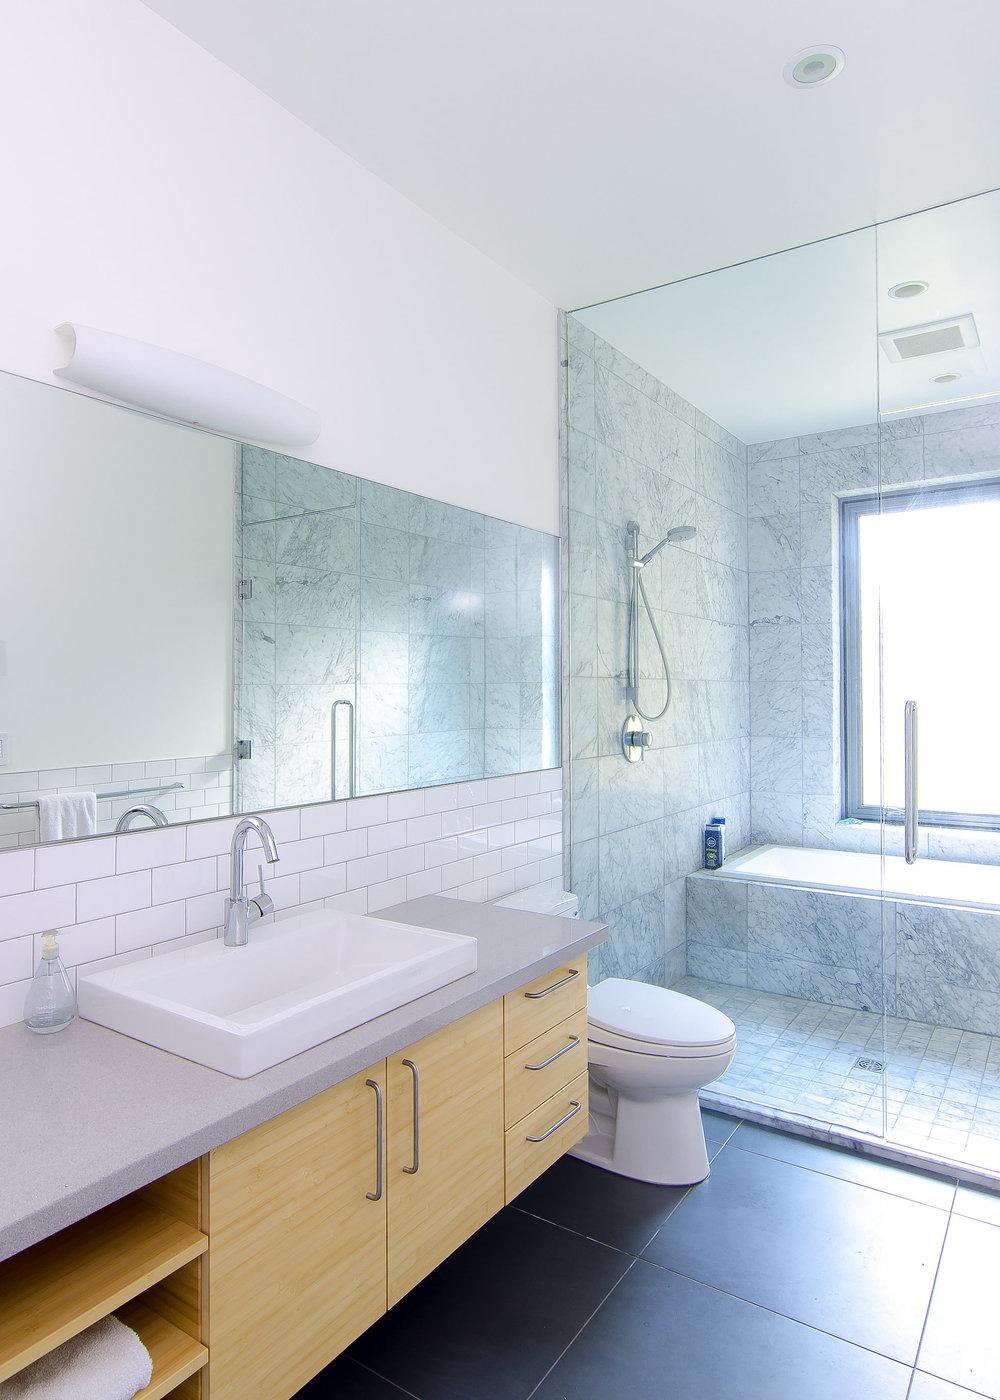 Residential bathroom interior design in Gulf Island Private architectural home design